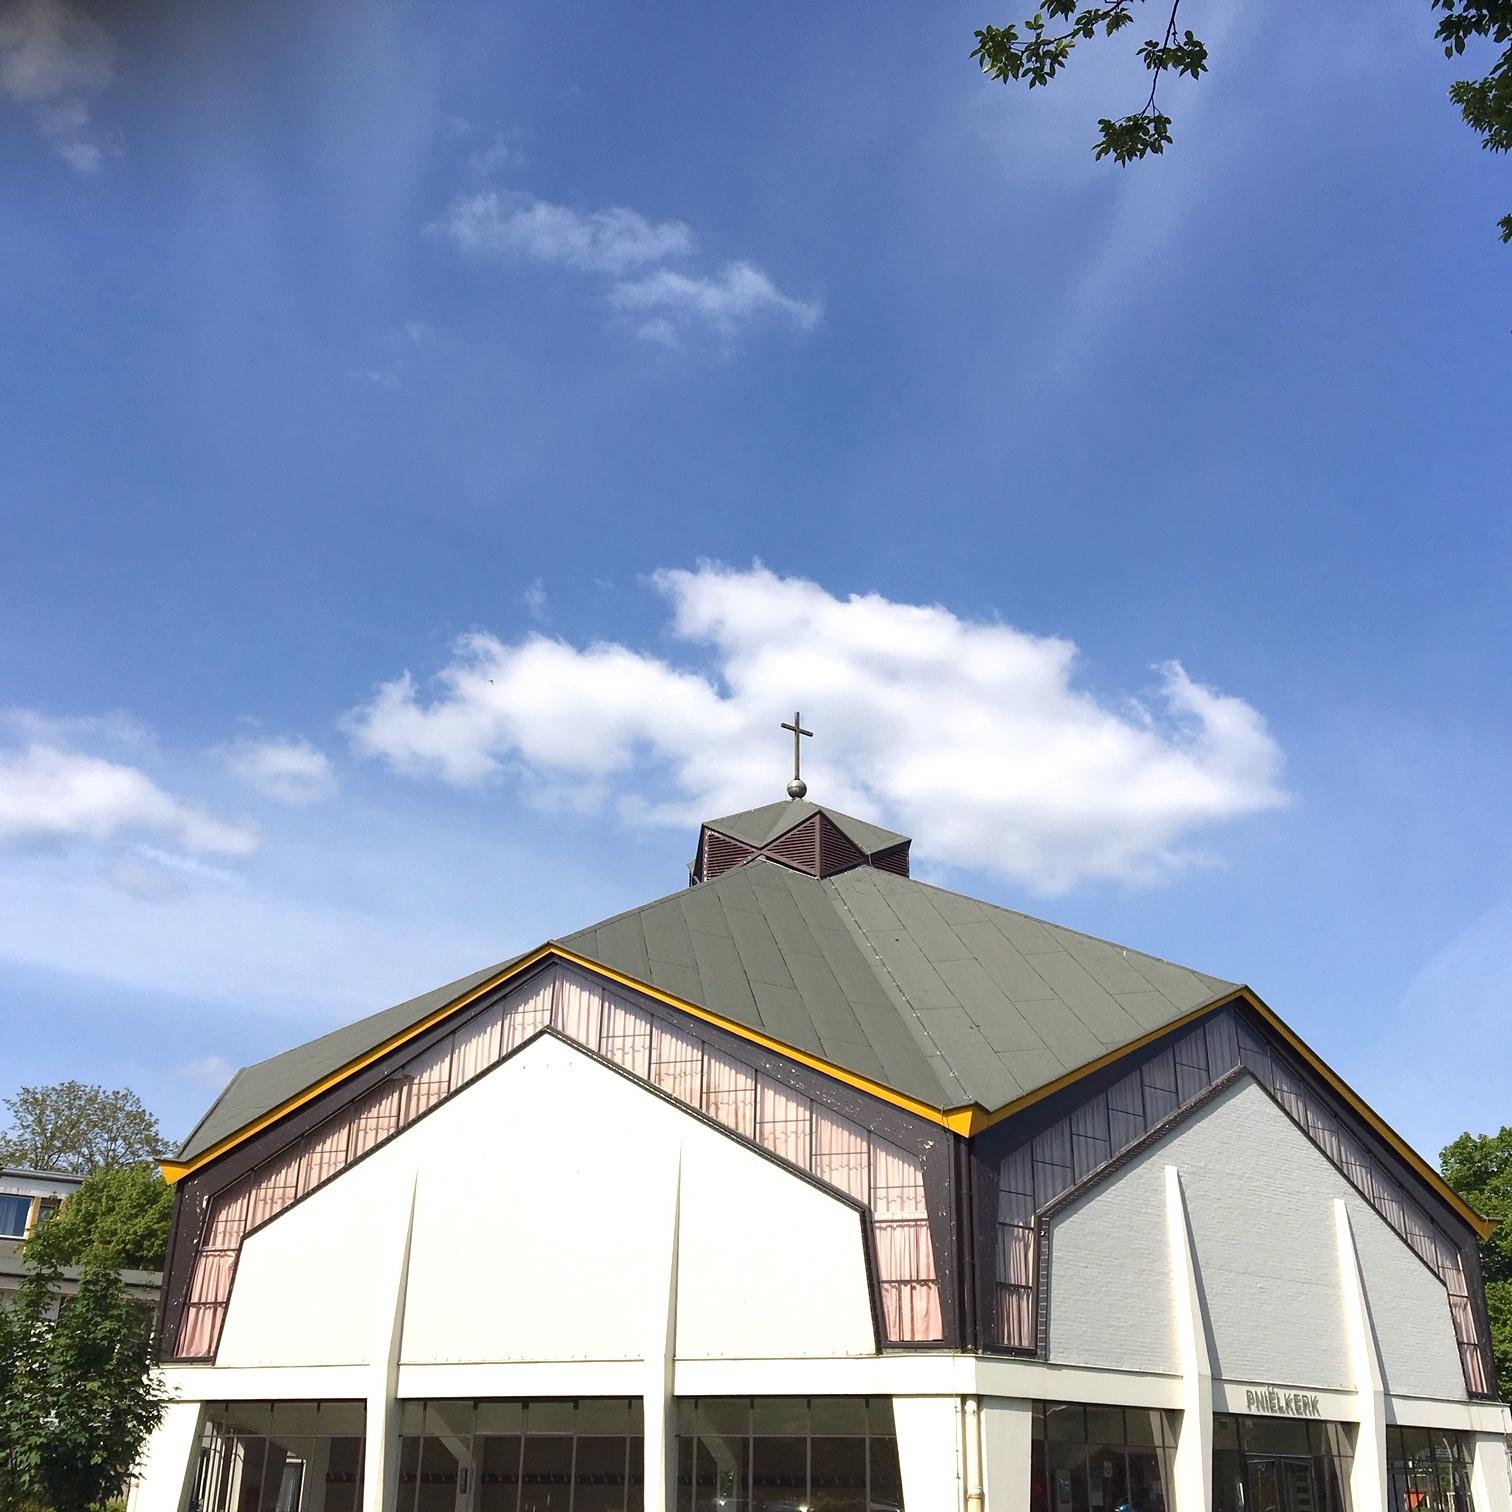 CCGN Utrecht 預特勒堂  Lessinglaan 33  3533 AN Utrecht   Kerkdienst : elke zondag om 10:00 uur